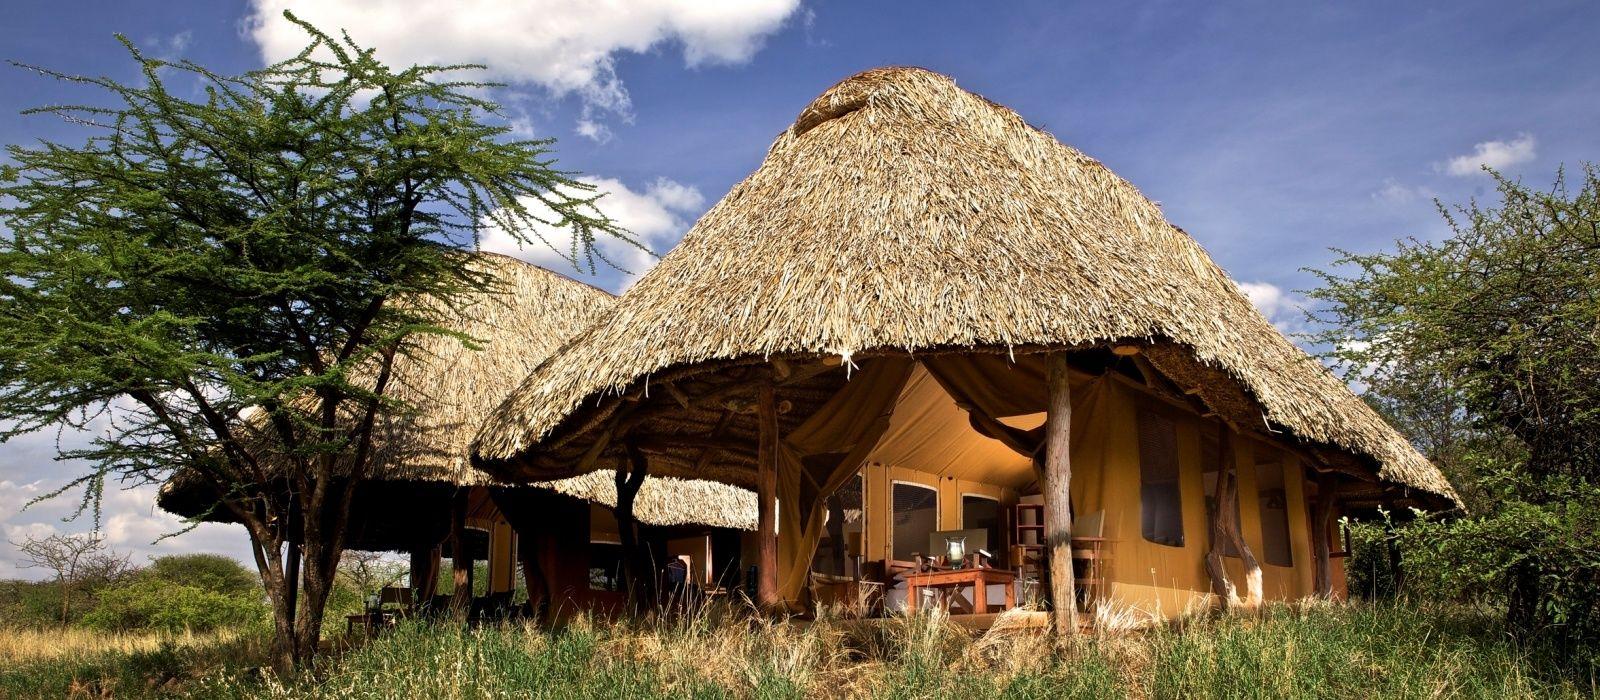 Hotel Lewa Safari Camp Kenya